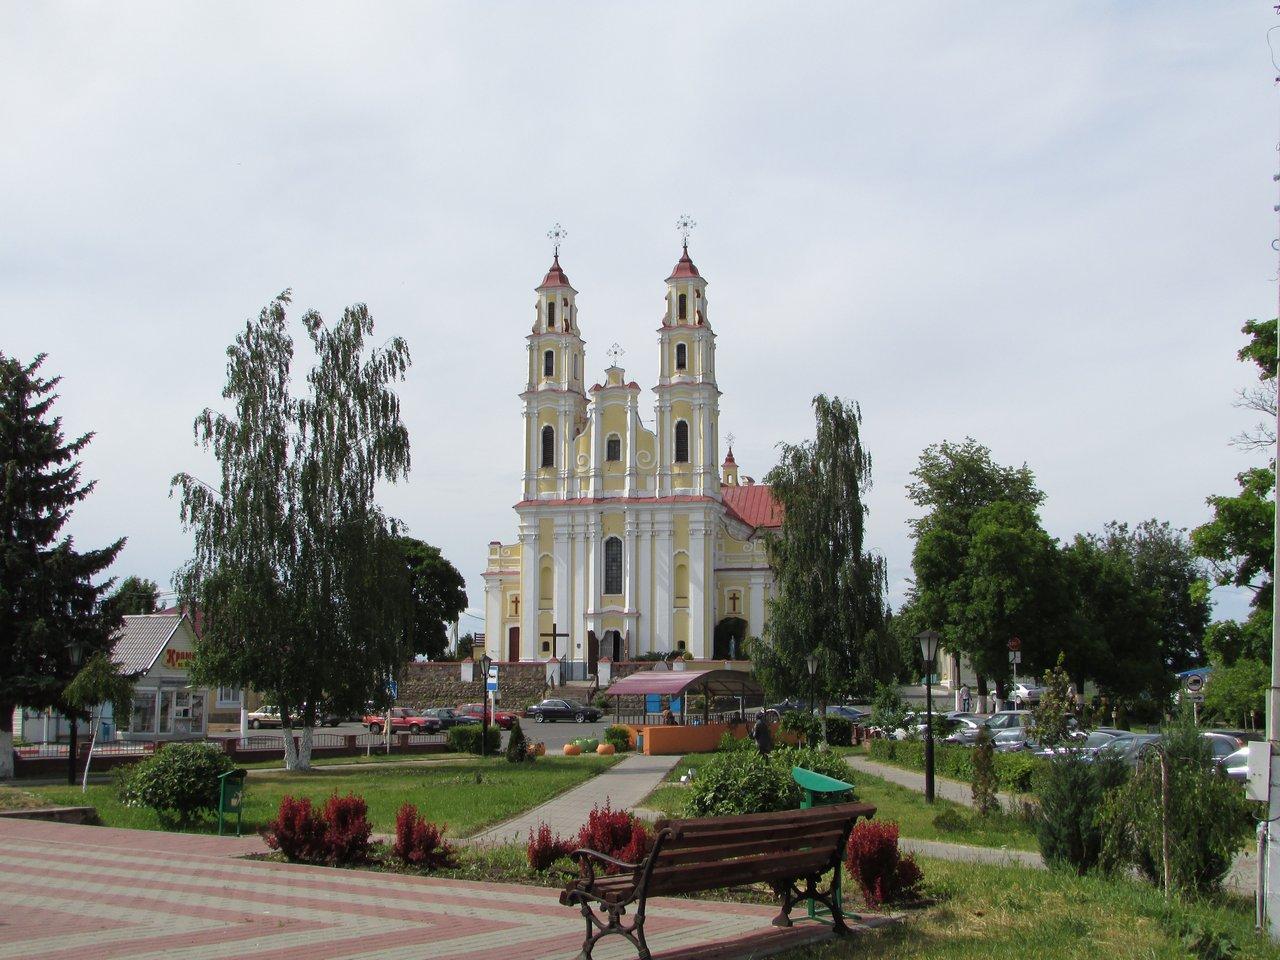 Напротив костел Святой Троицы